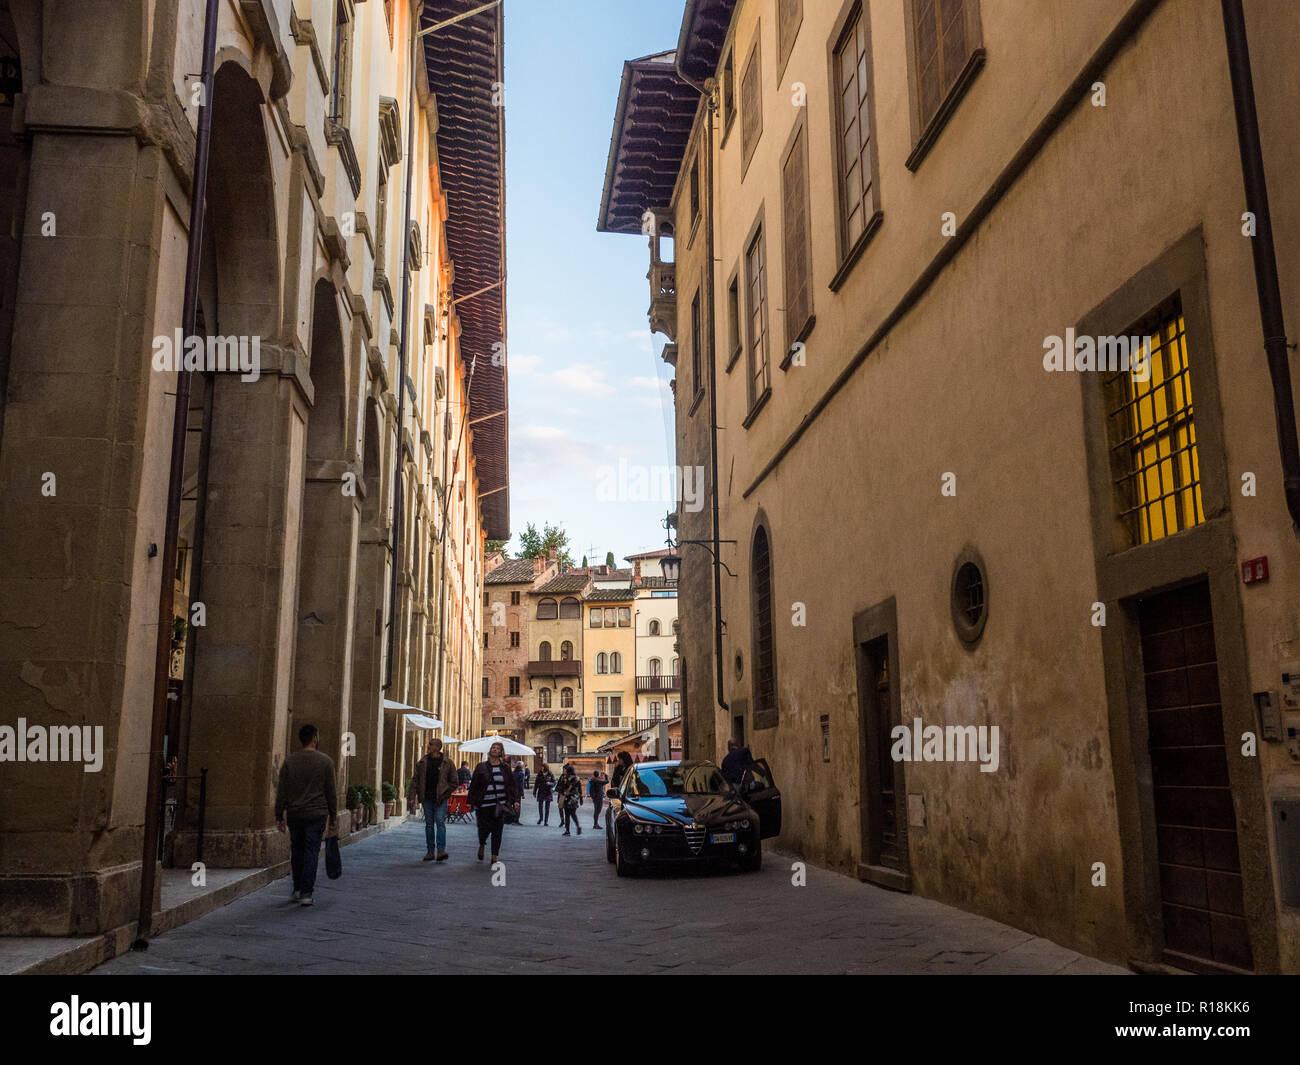 Mirando hacia Piazza Grande medieval en la ciudad de Arezzo, Toscana, Italia Imagen De Stock